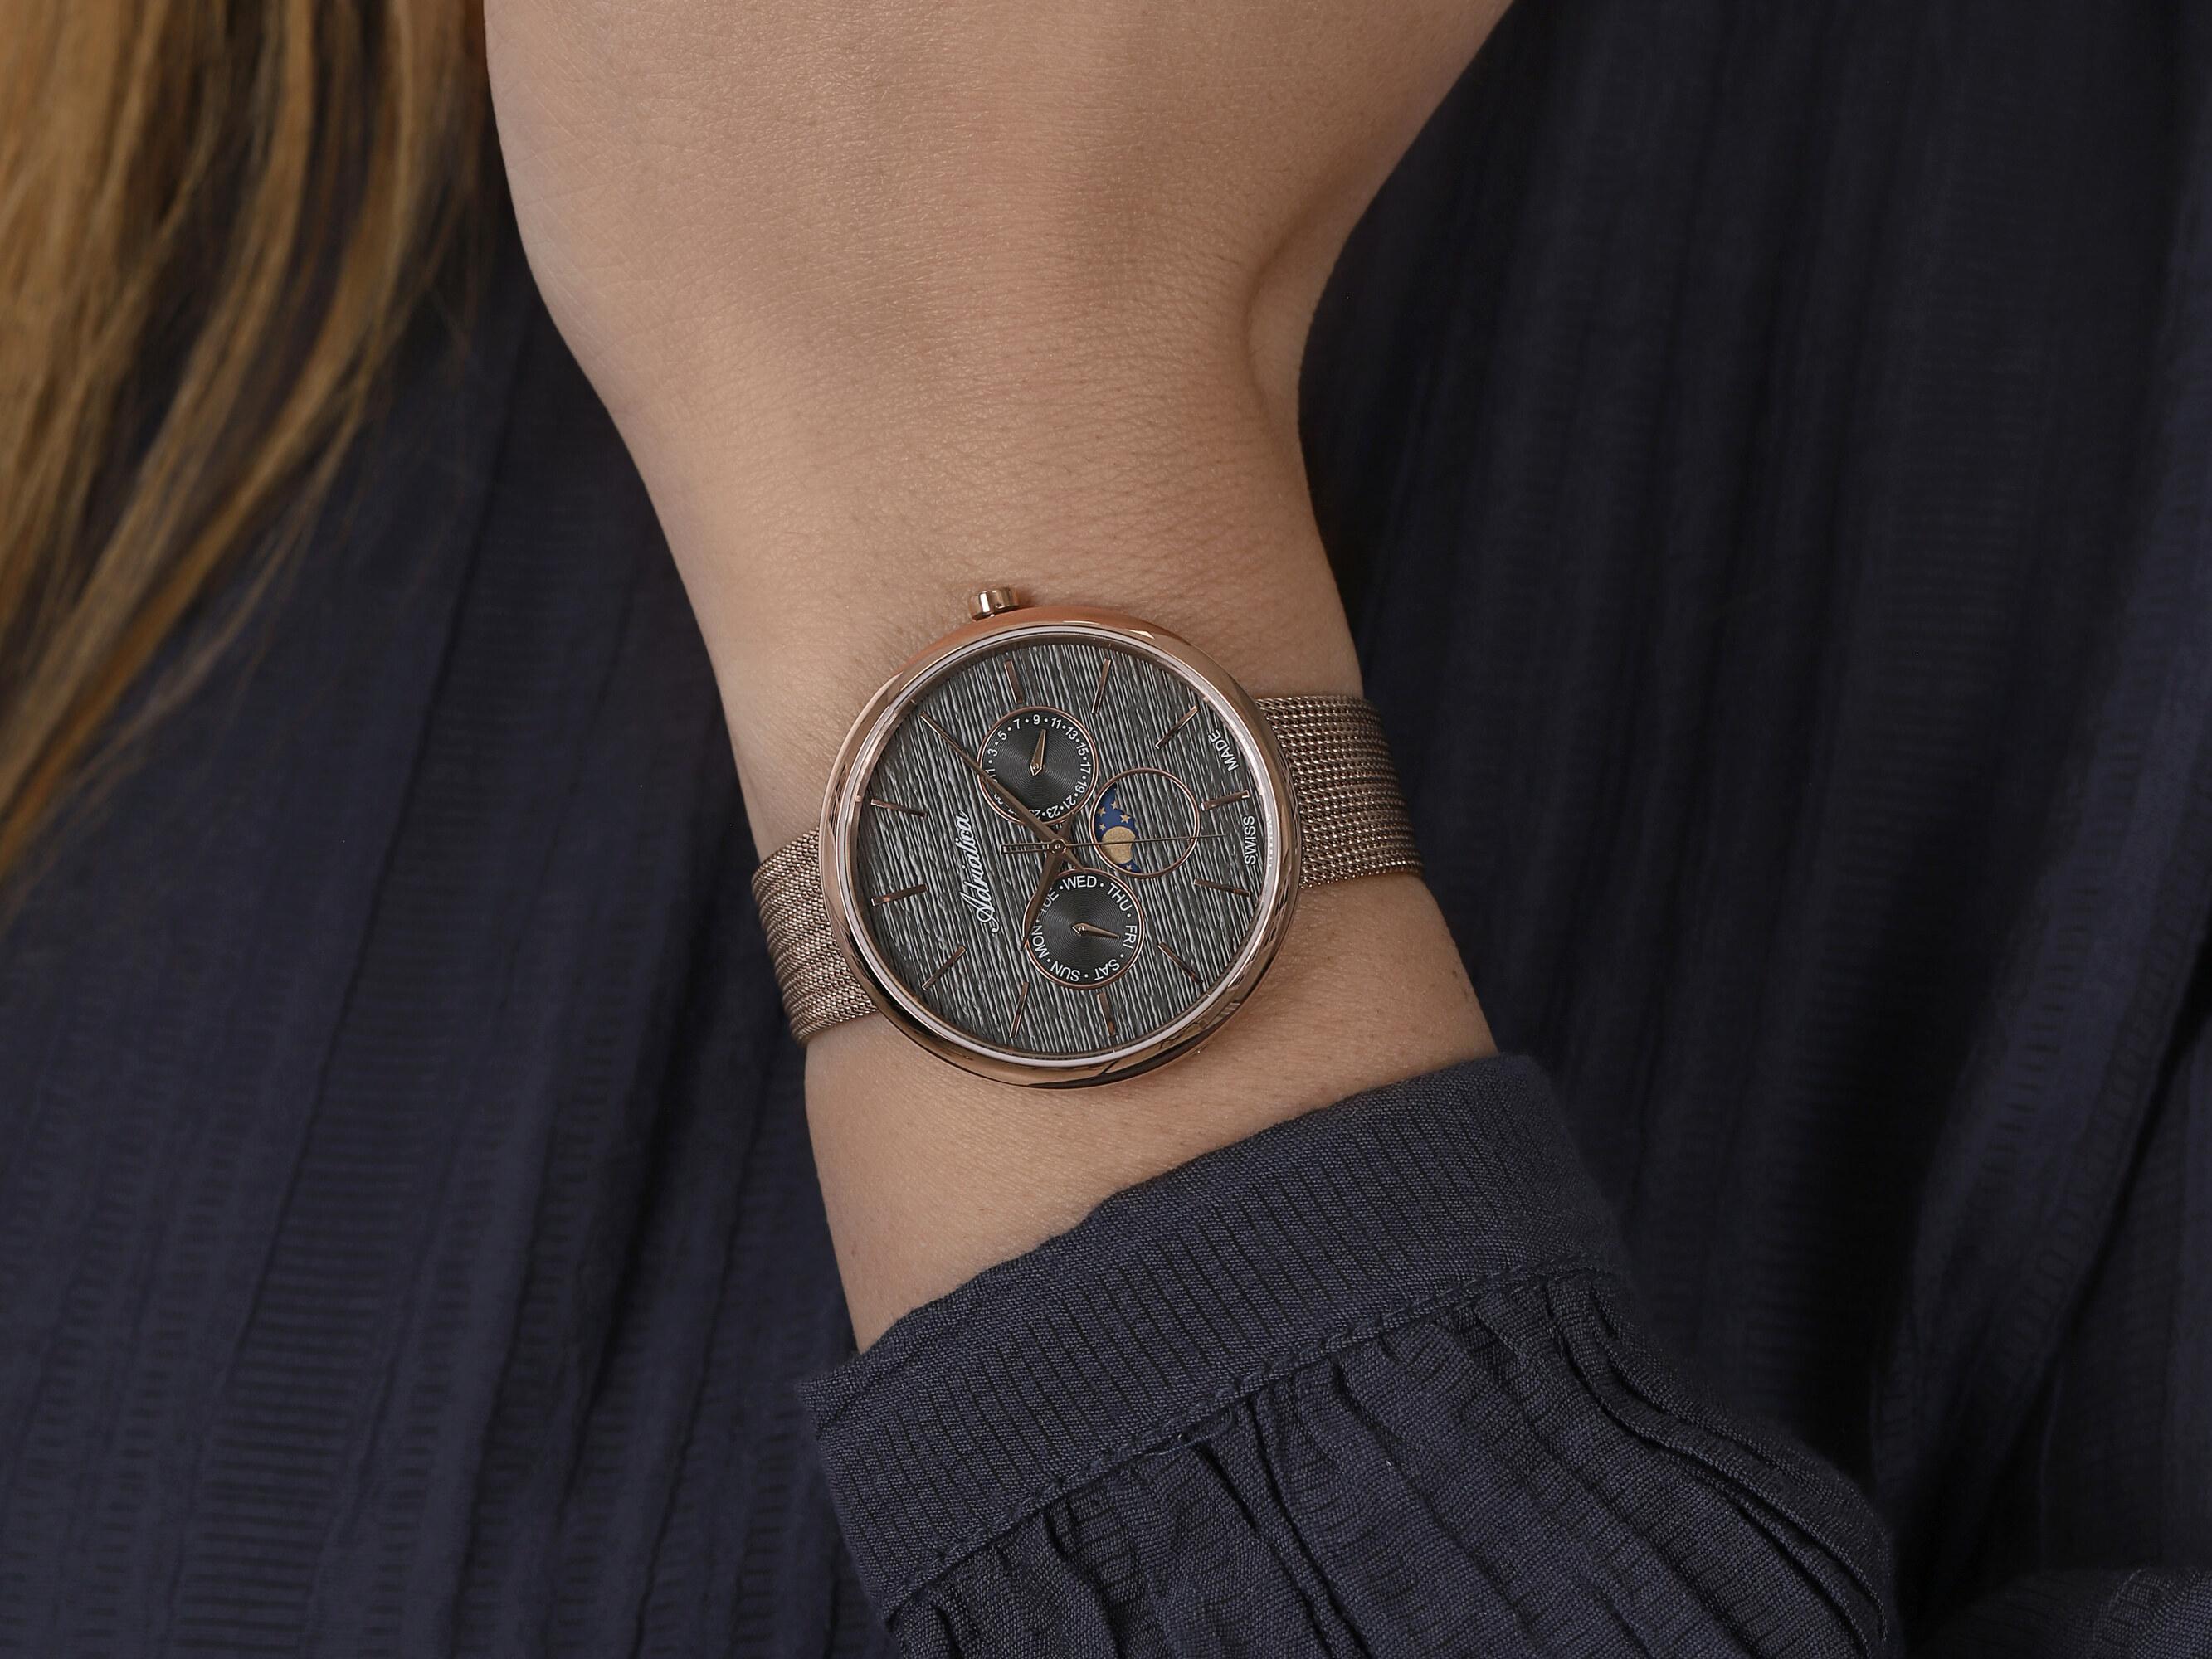 Adriatica A3732.R116QF damski zegarek Bransoleta bransoleta